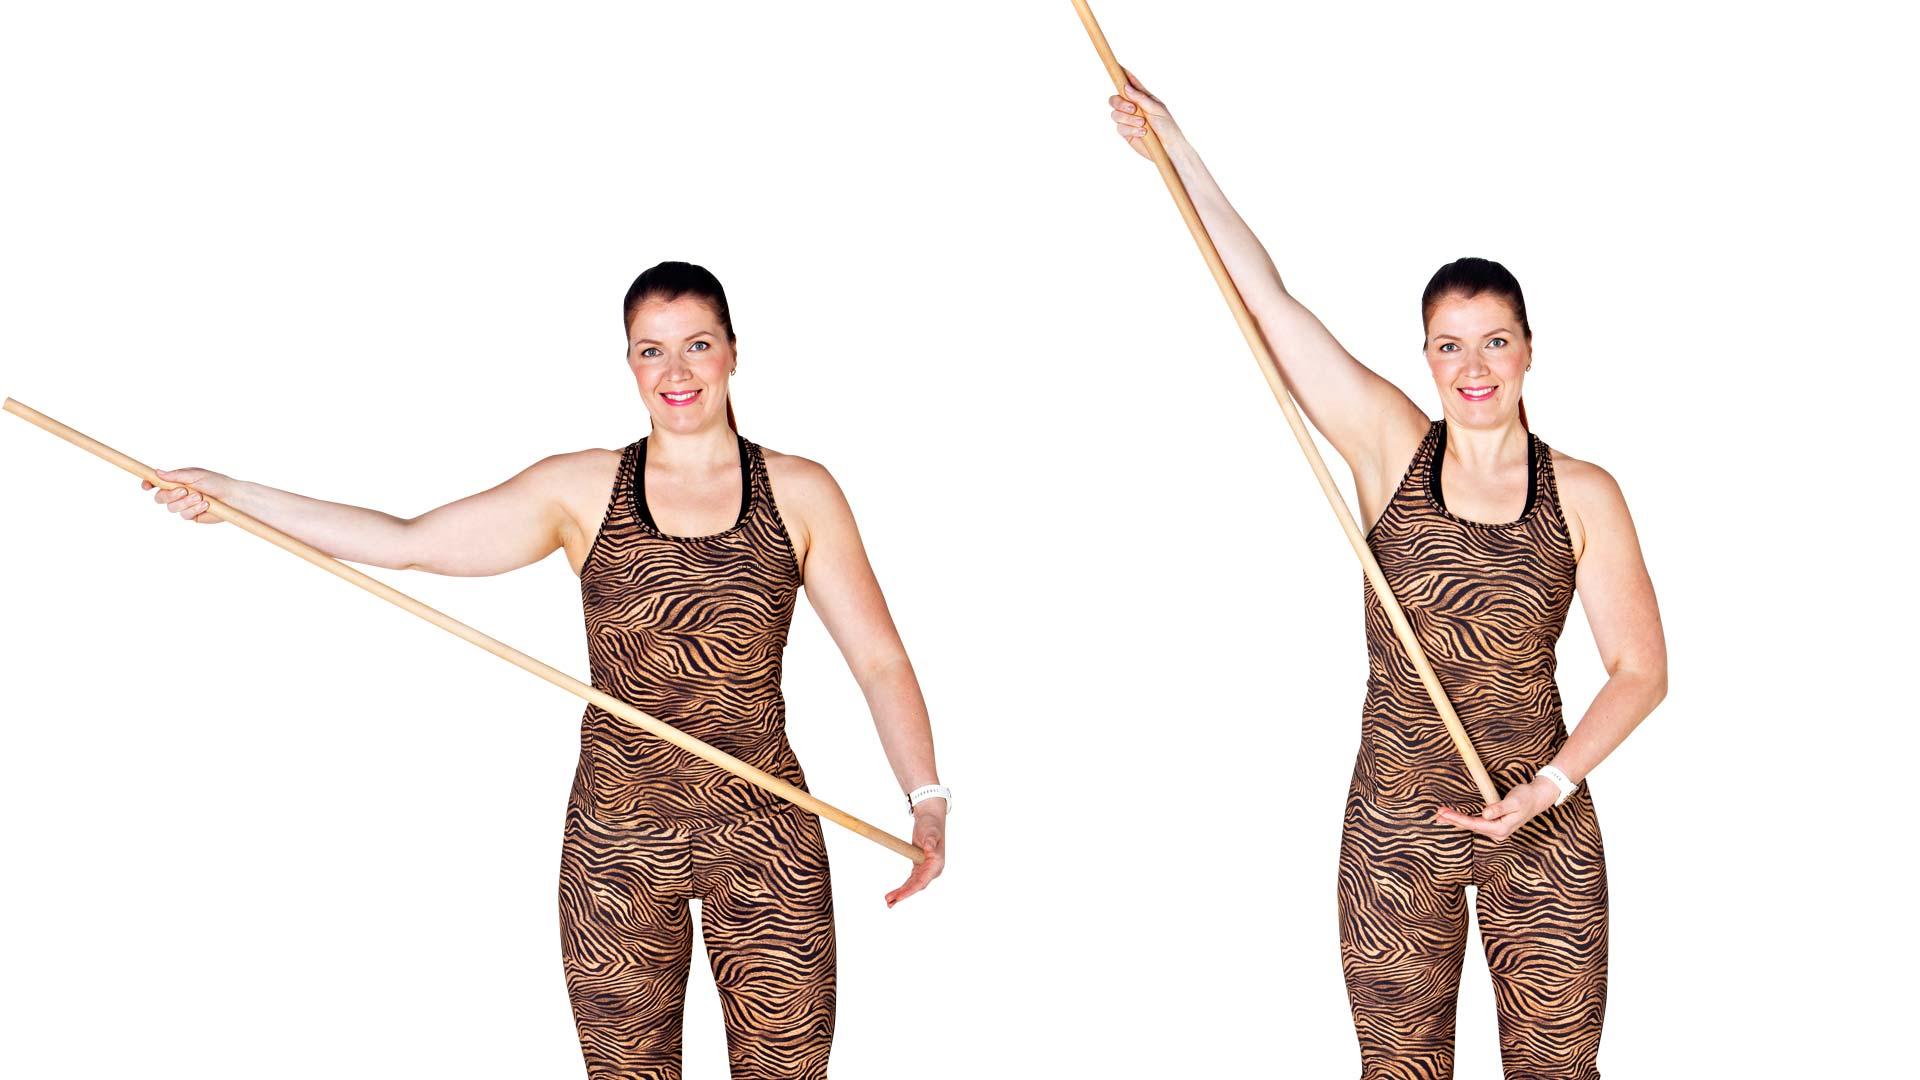 Työnnä kepillä oireilevaa kättä sivukautta niin pitkälle ylös kuin pystyt.